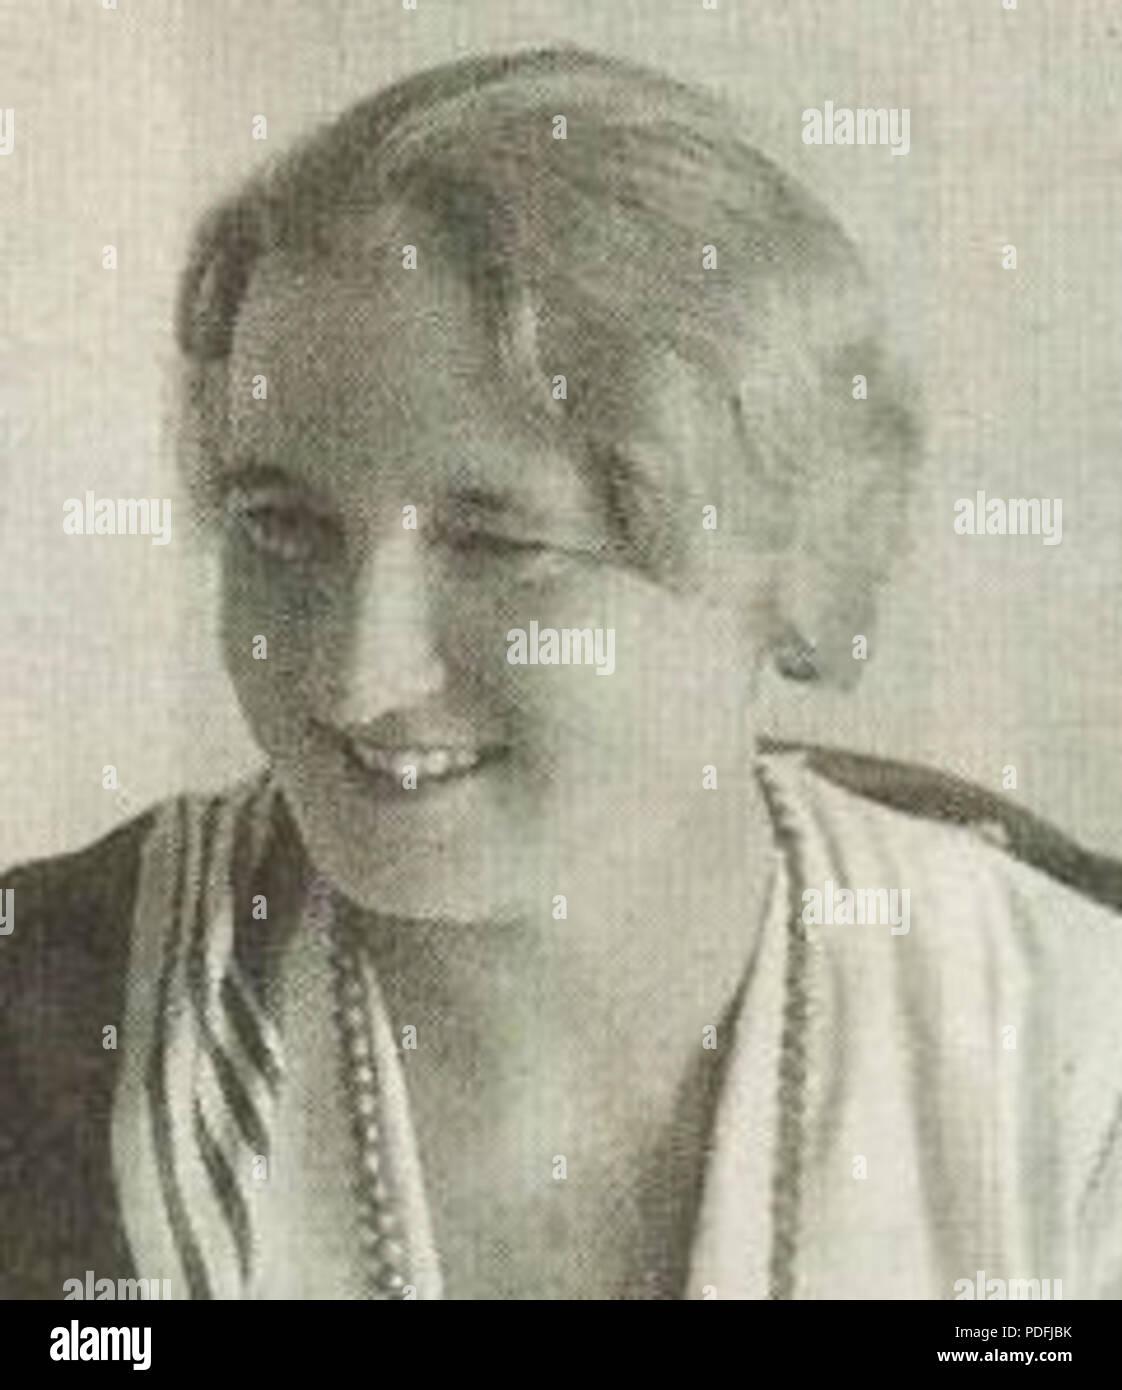 149 Hana Benešová - Stock Image